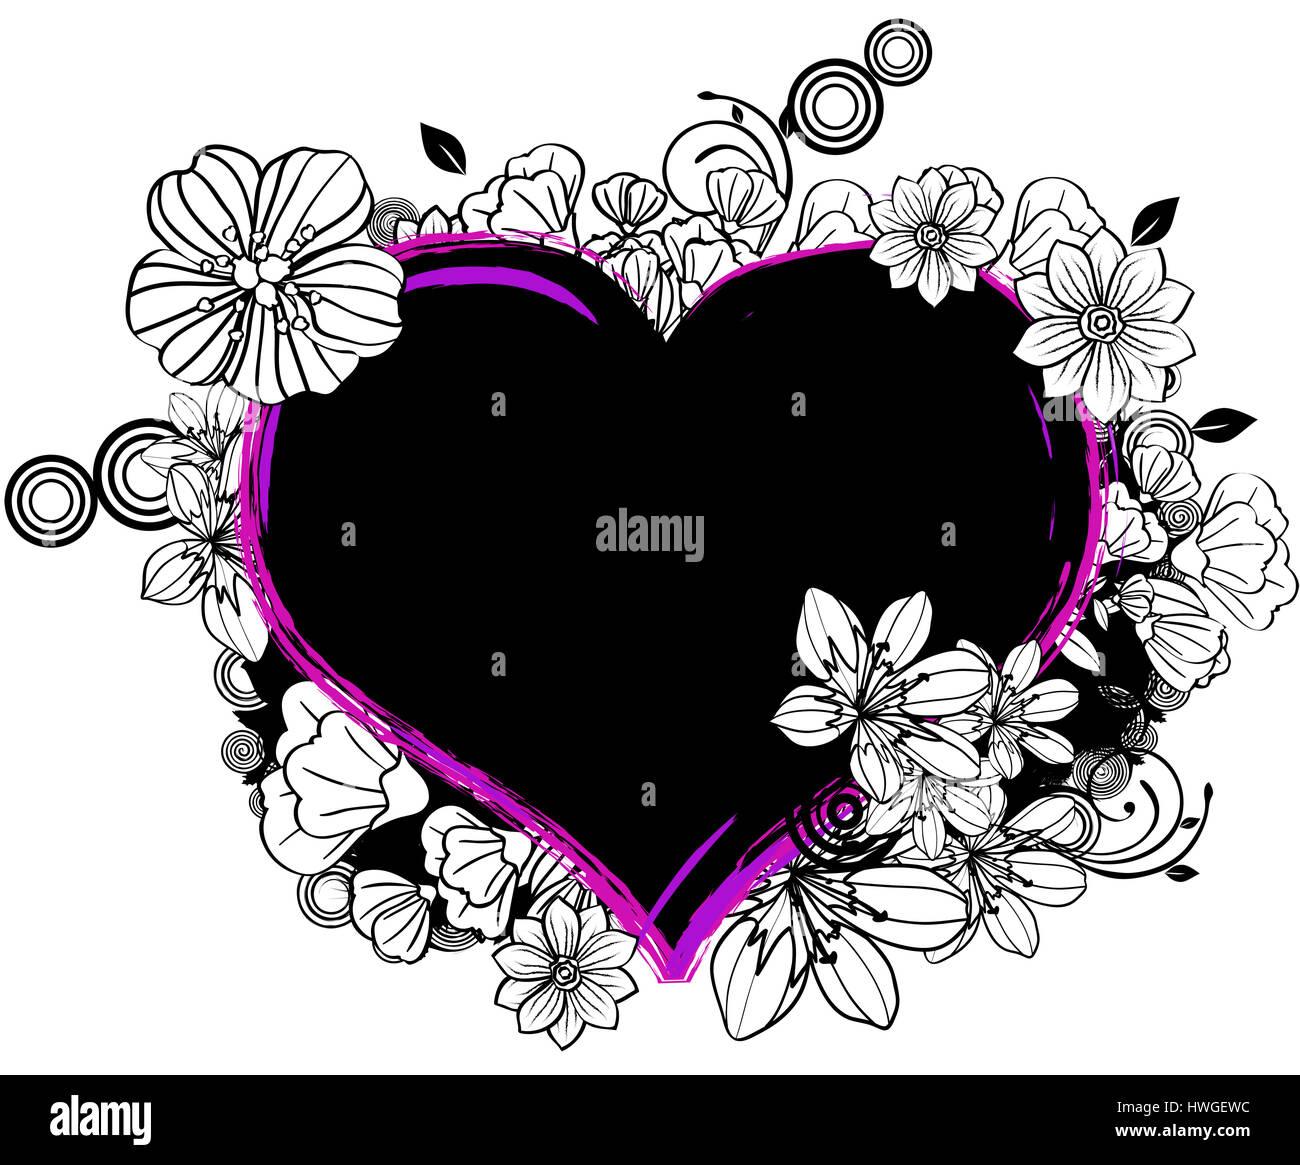 Forme De Coeur Coeur Amour Contour Symbole Signer Amour